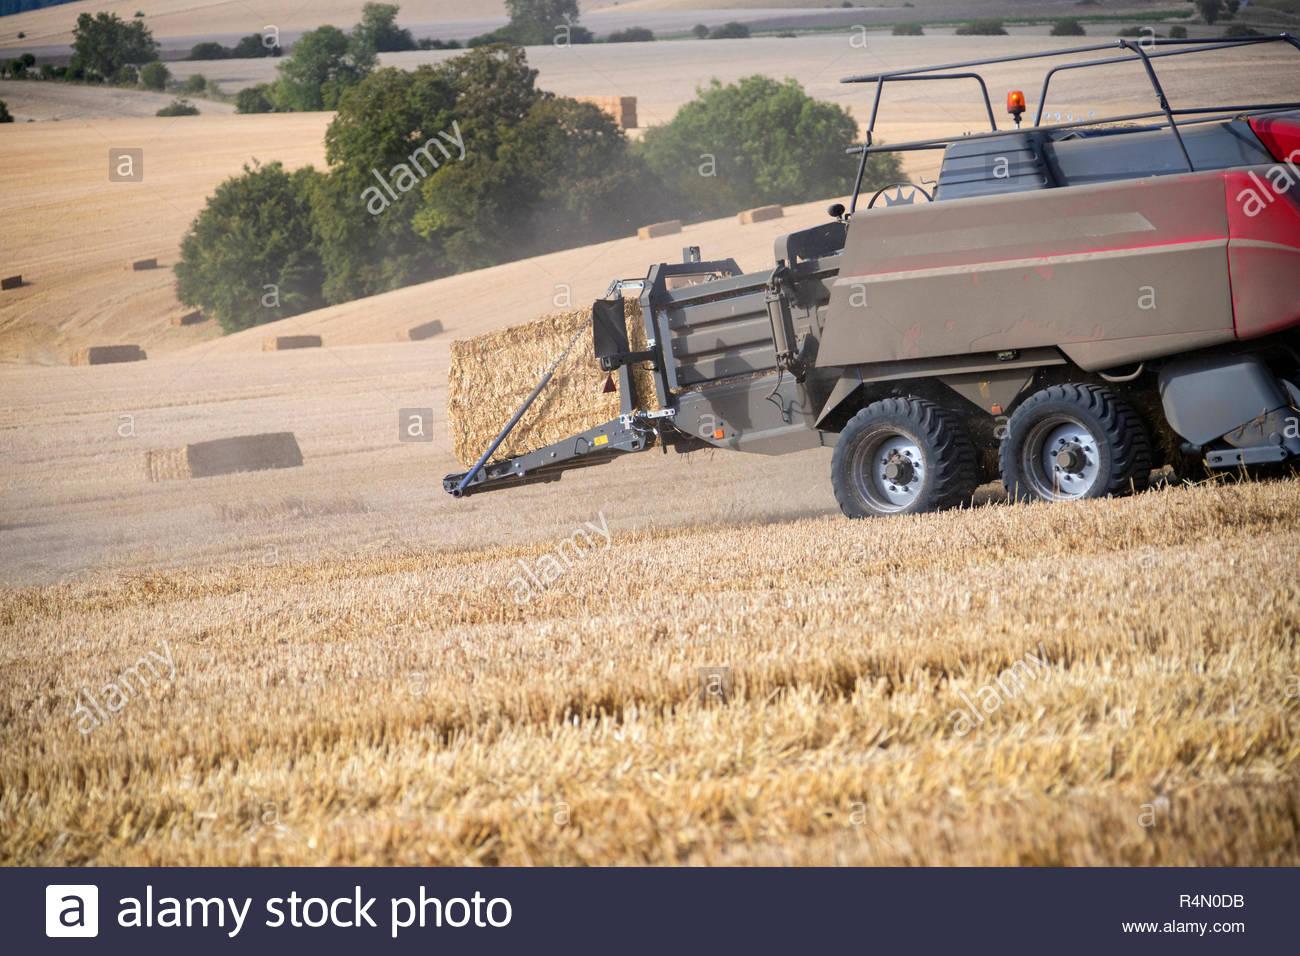 Traktor und Ballenpresse Strohballen in Feld nach dem Sommer Weizenernte auf der Farm Stockfoto